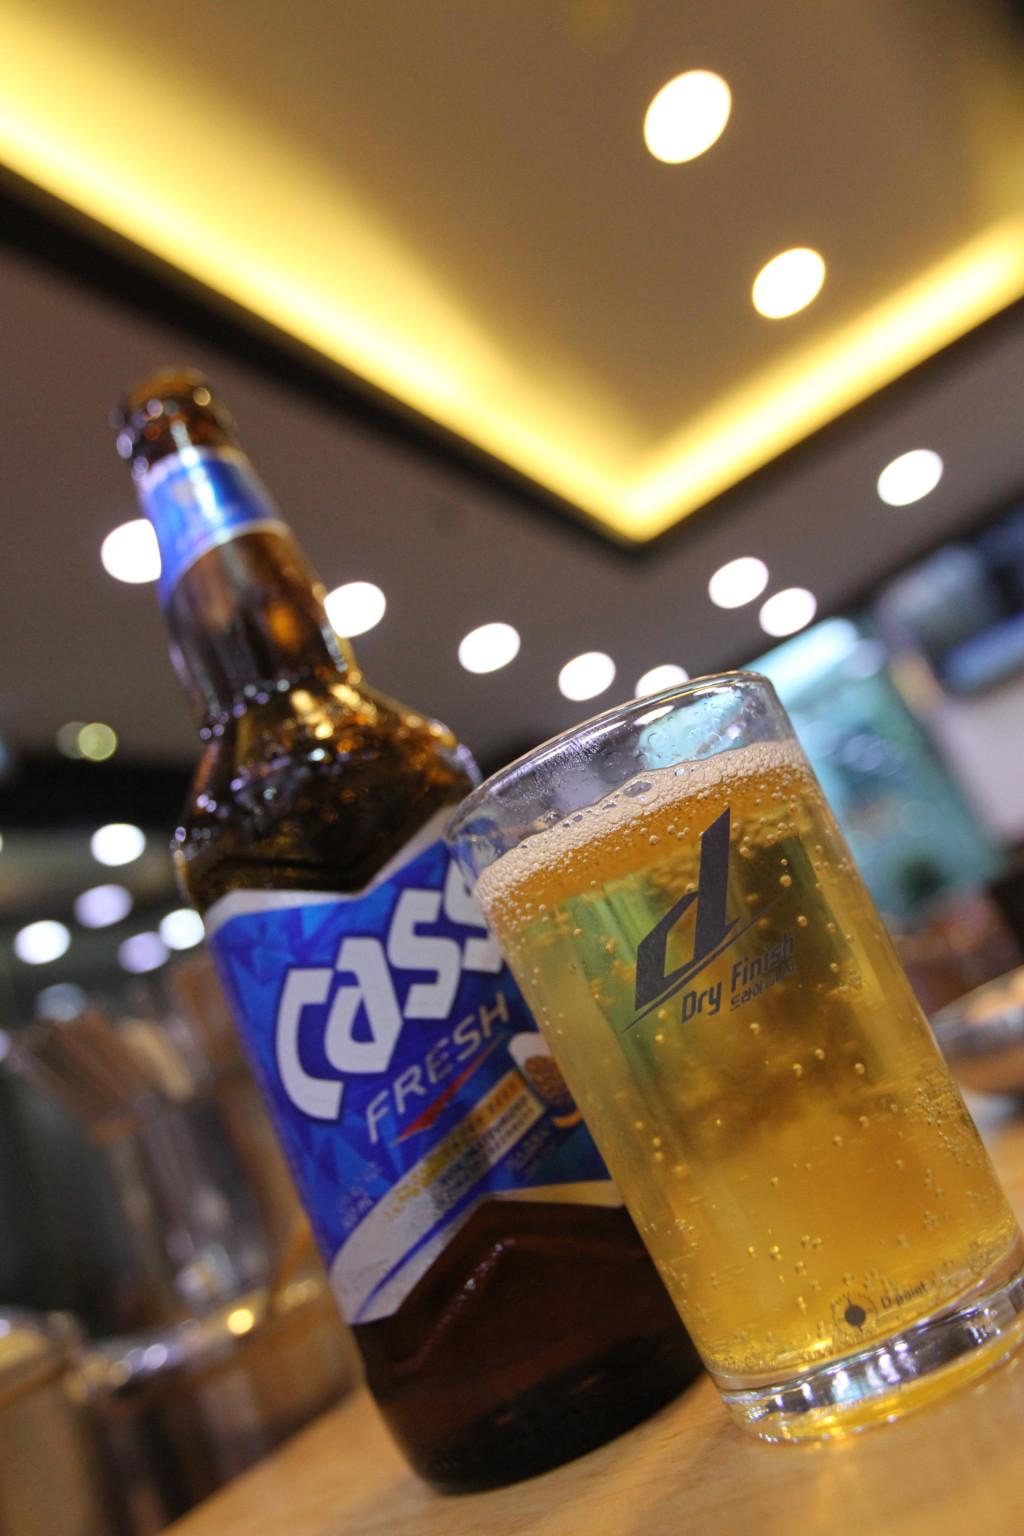 韓国産ビール「Cass」